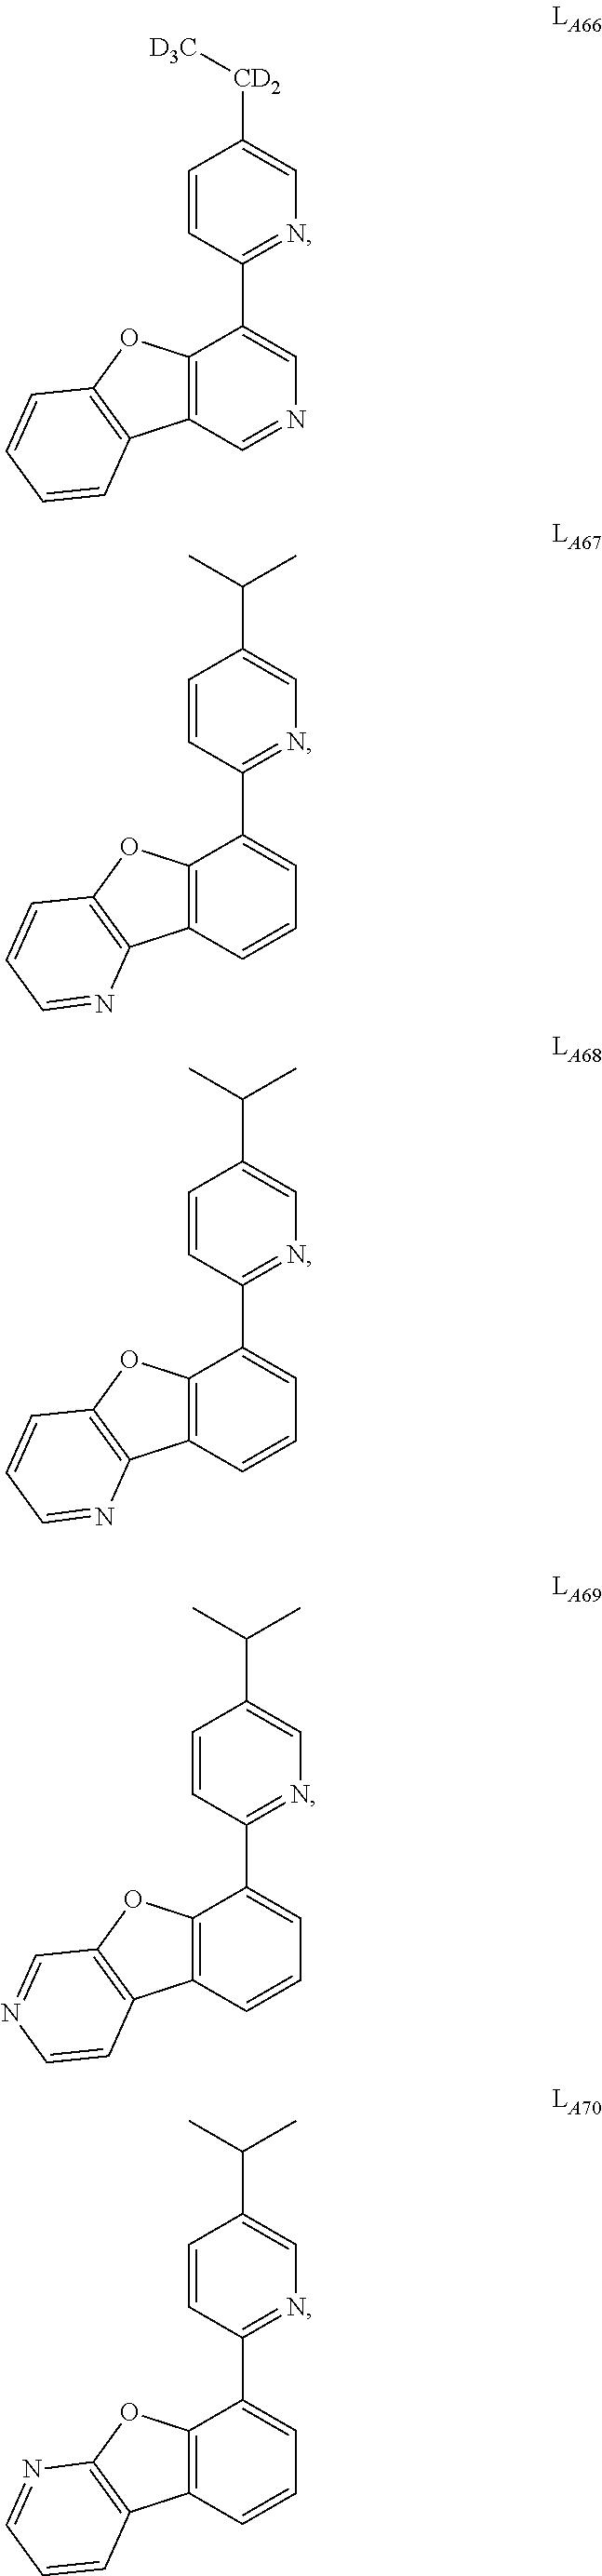 Figure US09634264-20170425-C00017